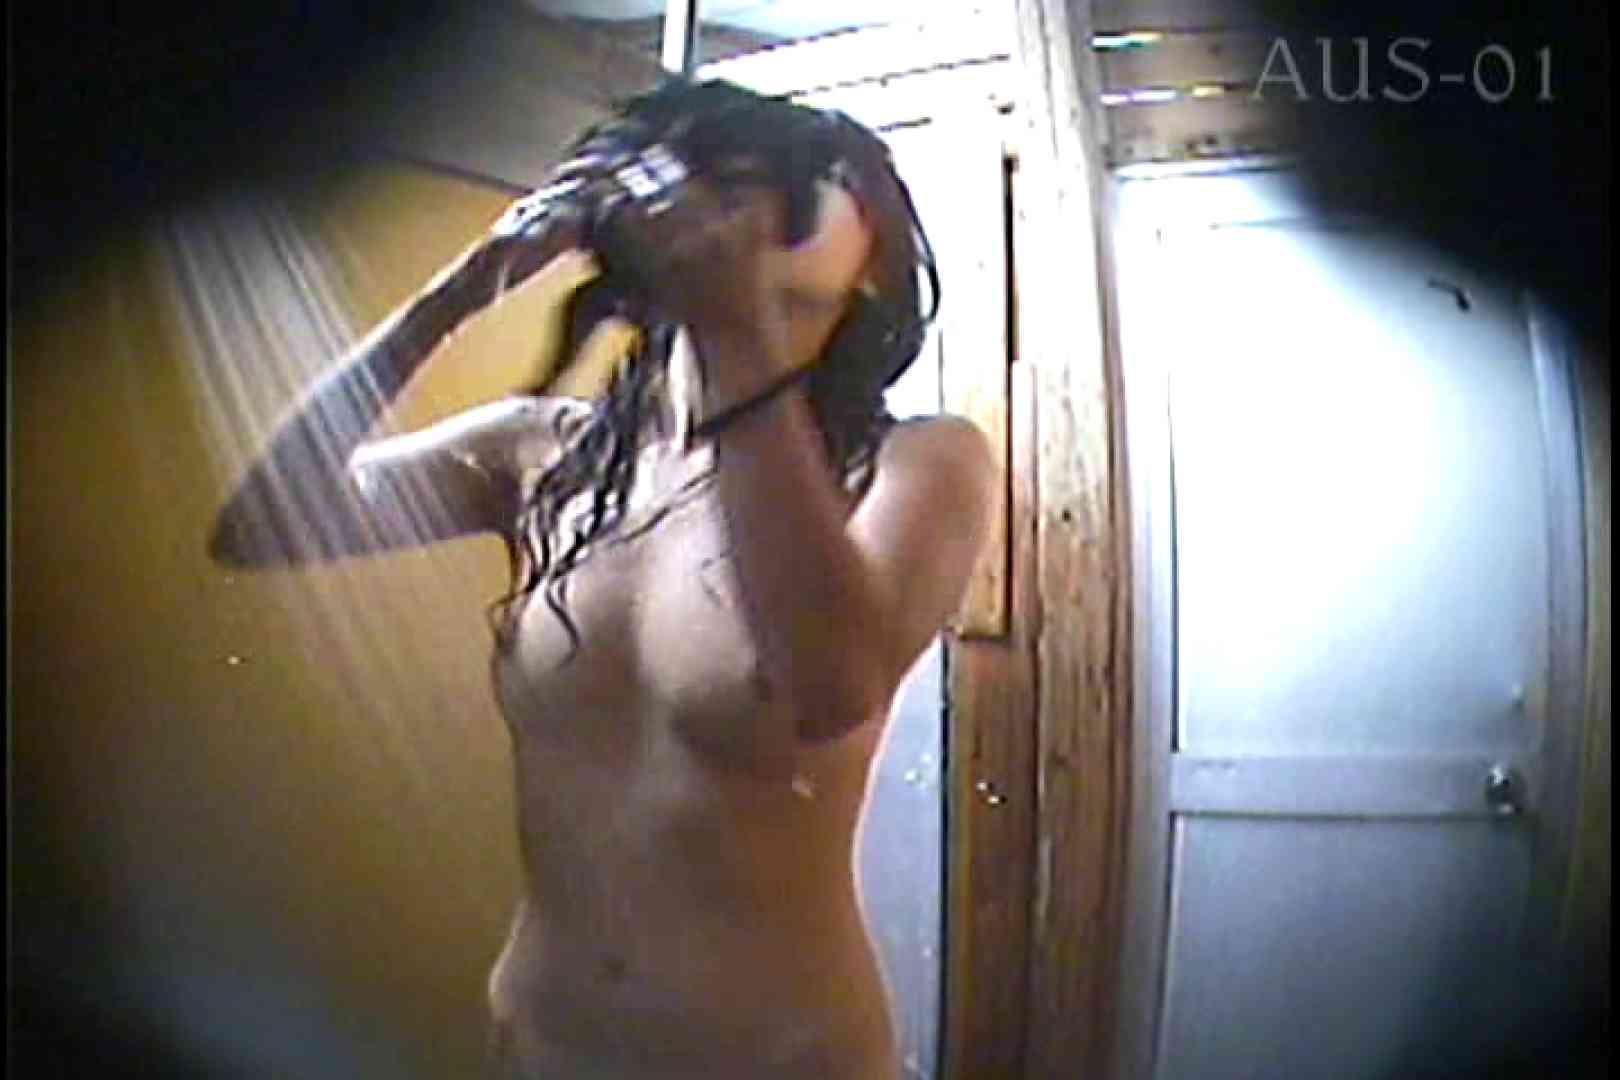 露天風呂脱衣所お着替え盗撮 Vol.01 OLのボディ セックス画像 69PIX 2